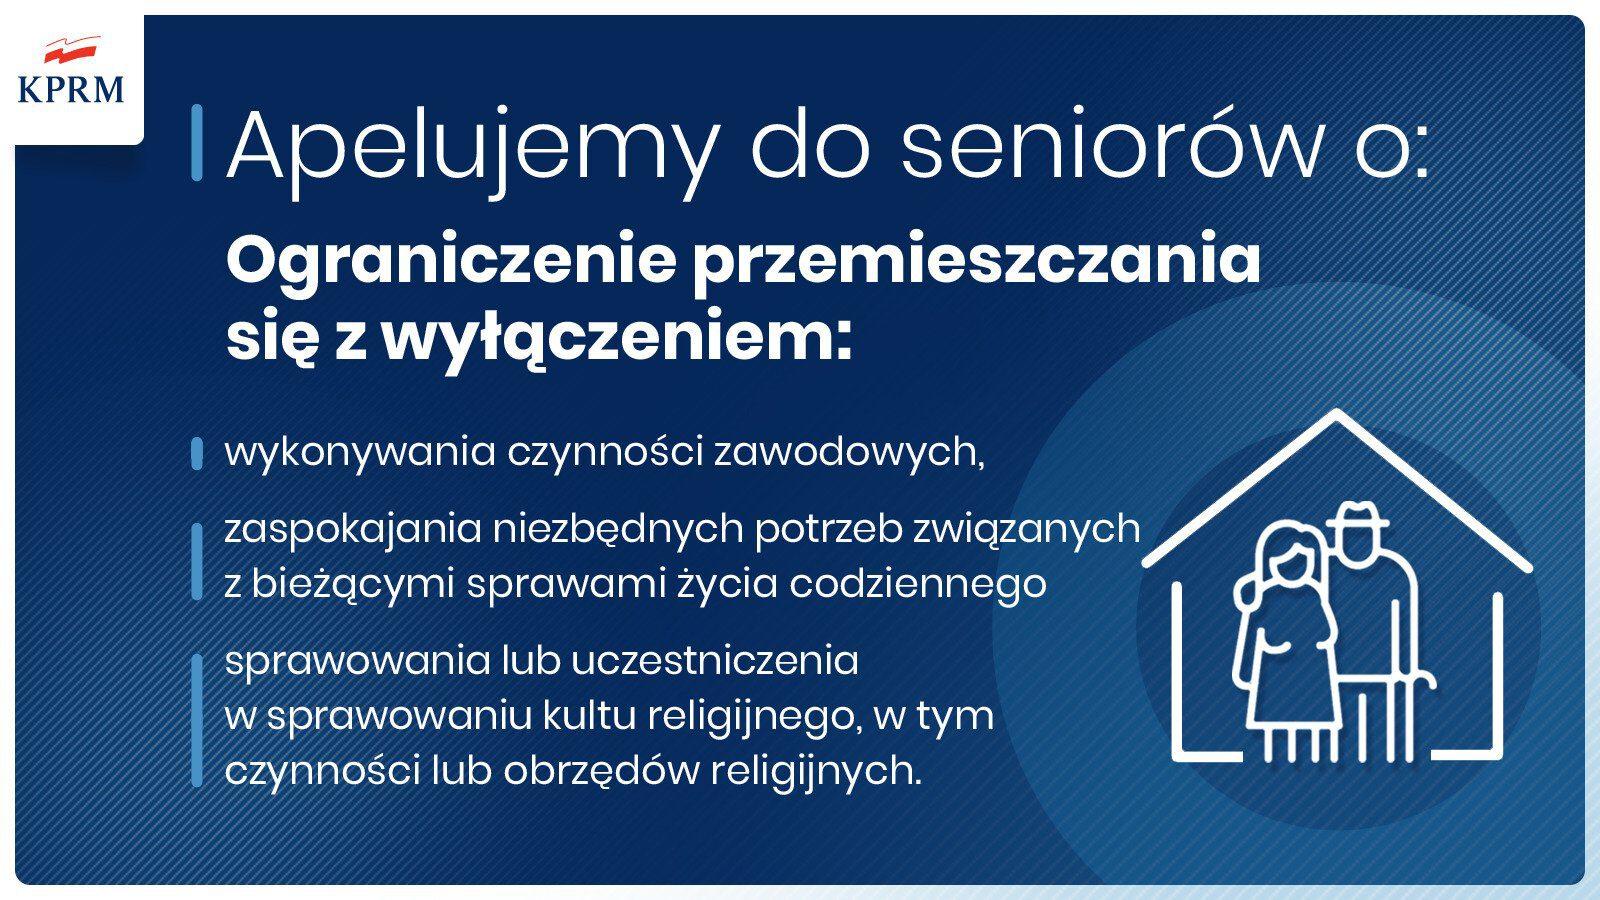 Apel KPRM do seniorów w związku z COVID-19